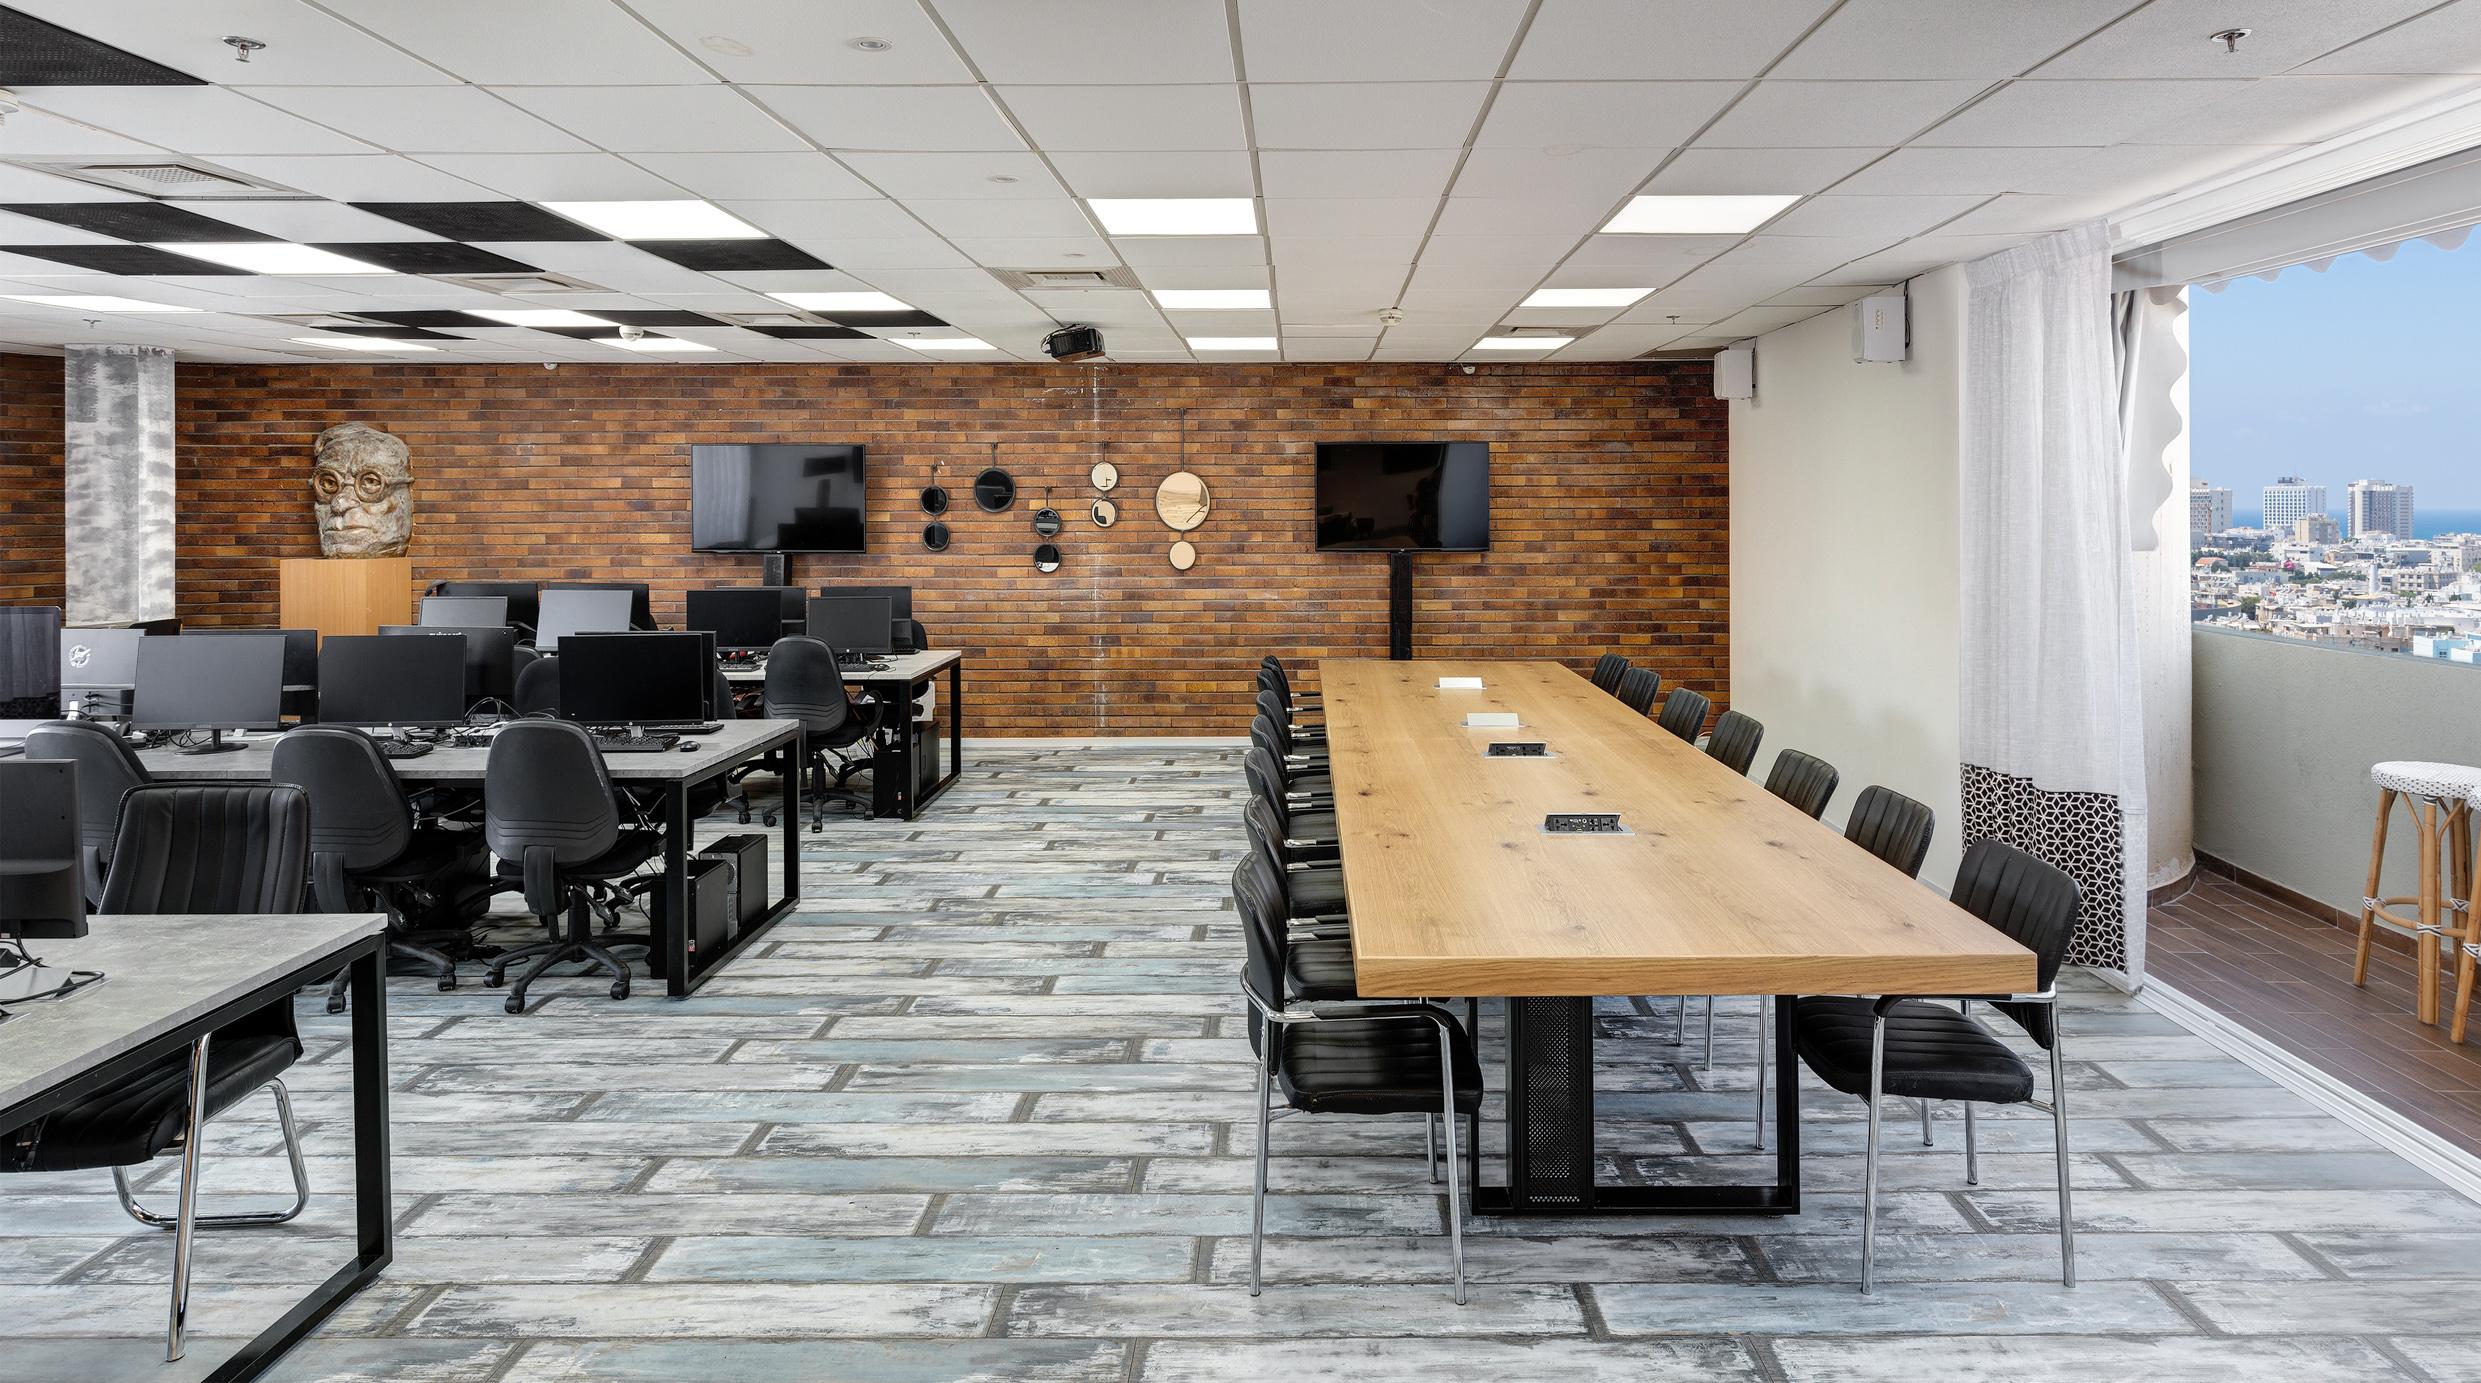 משרדים וחללי עבודה מעוצבים - איכות עיצובים